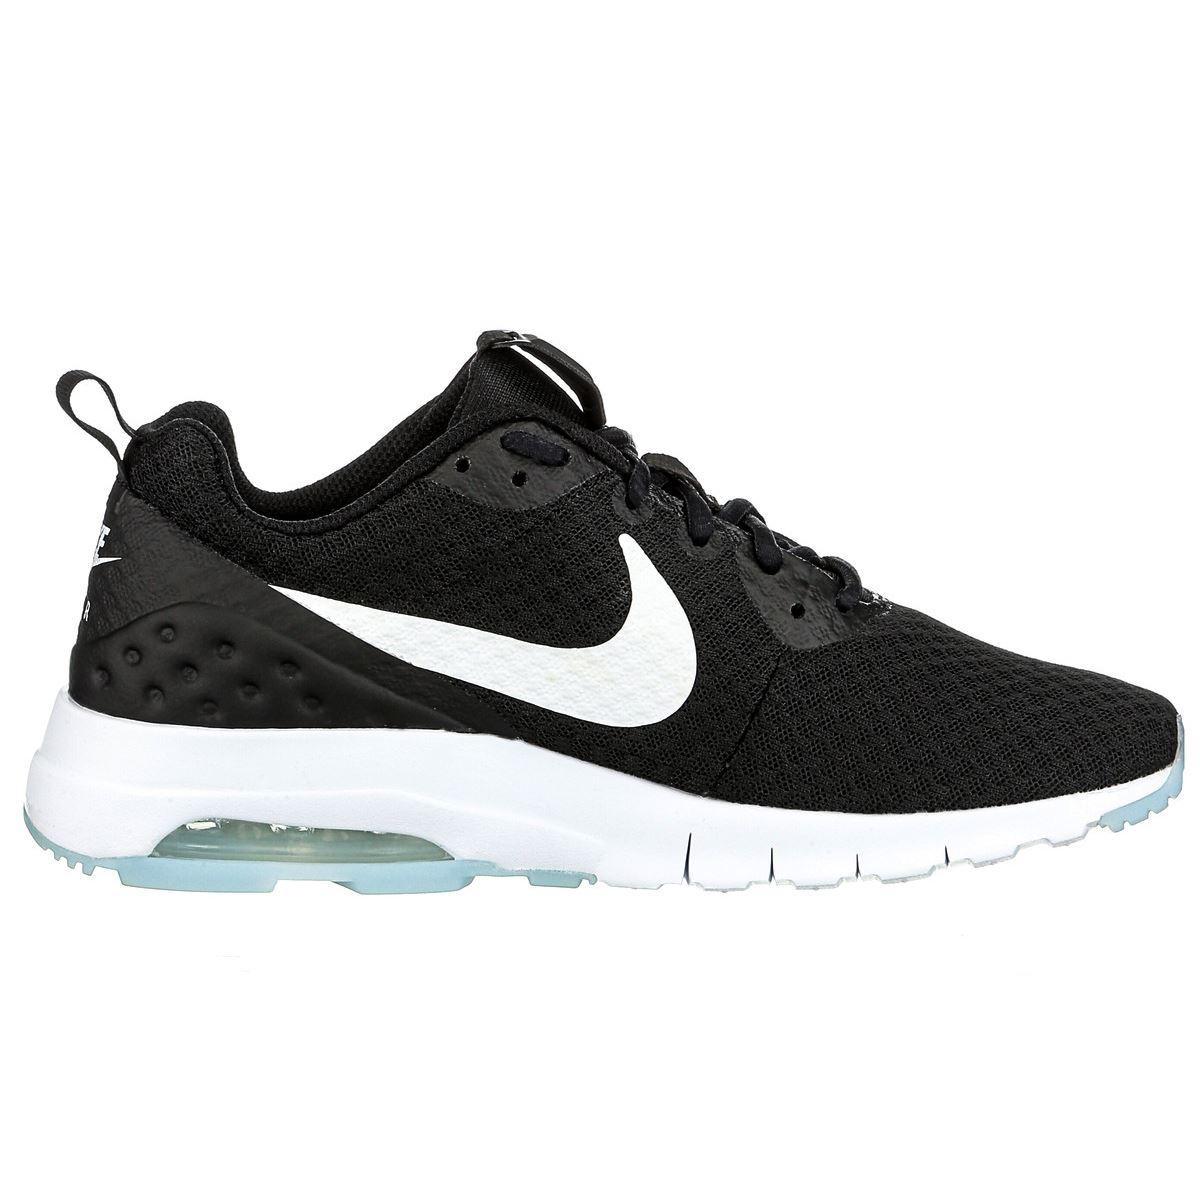 reebok pump twilight - Nike Air Max Motion LW Black White Womens Trainers | eBay